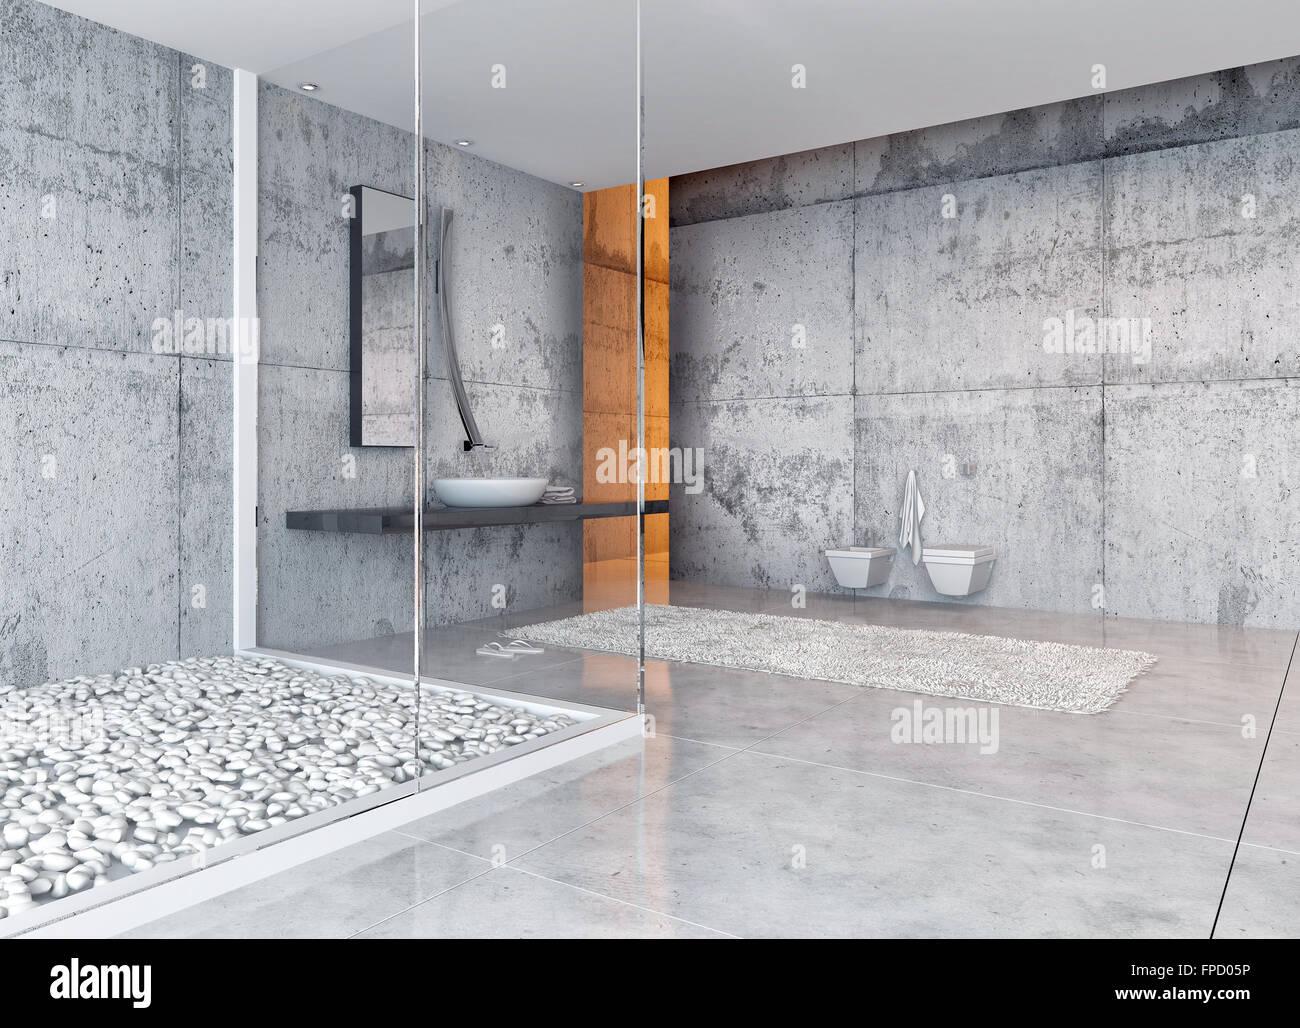 Exquisit Moderne Wände Beste Wahl Toilette Interieur Mit Marmorboden Und Wände Und